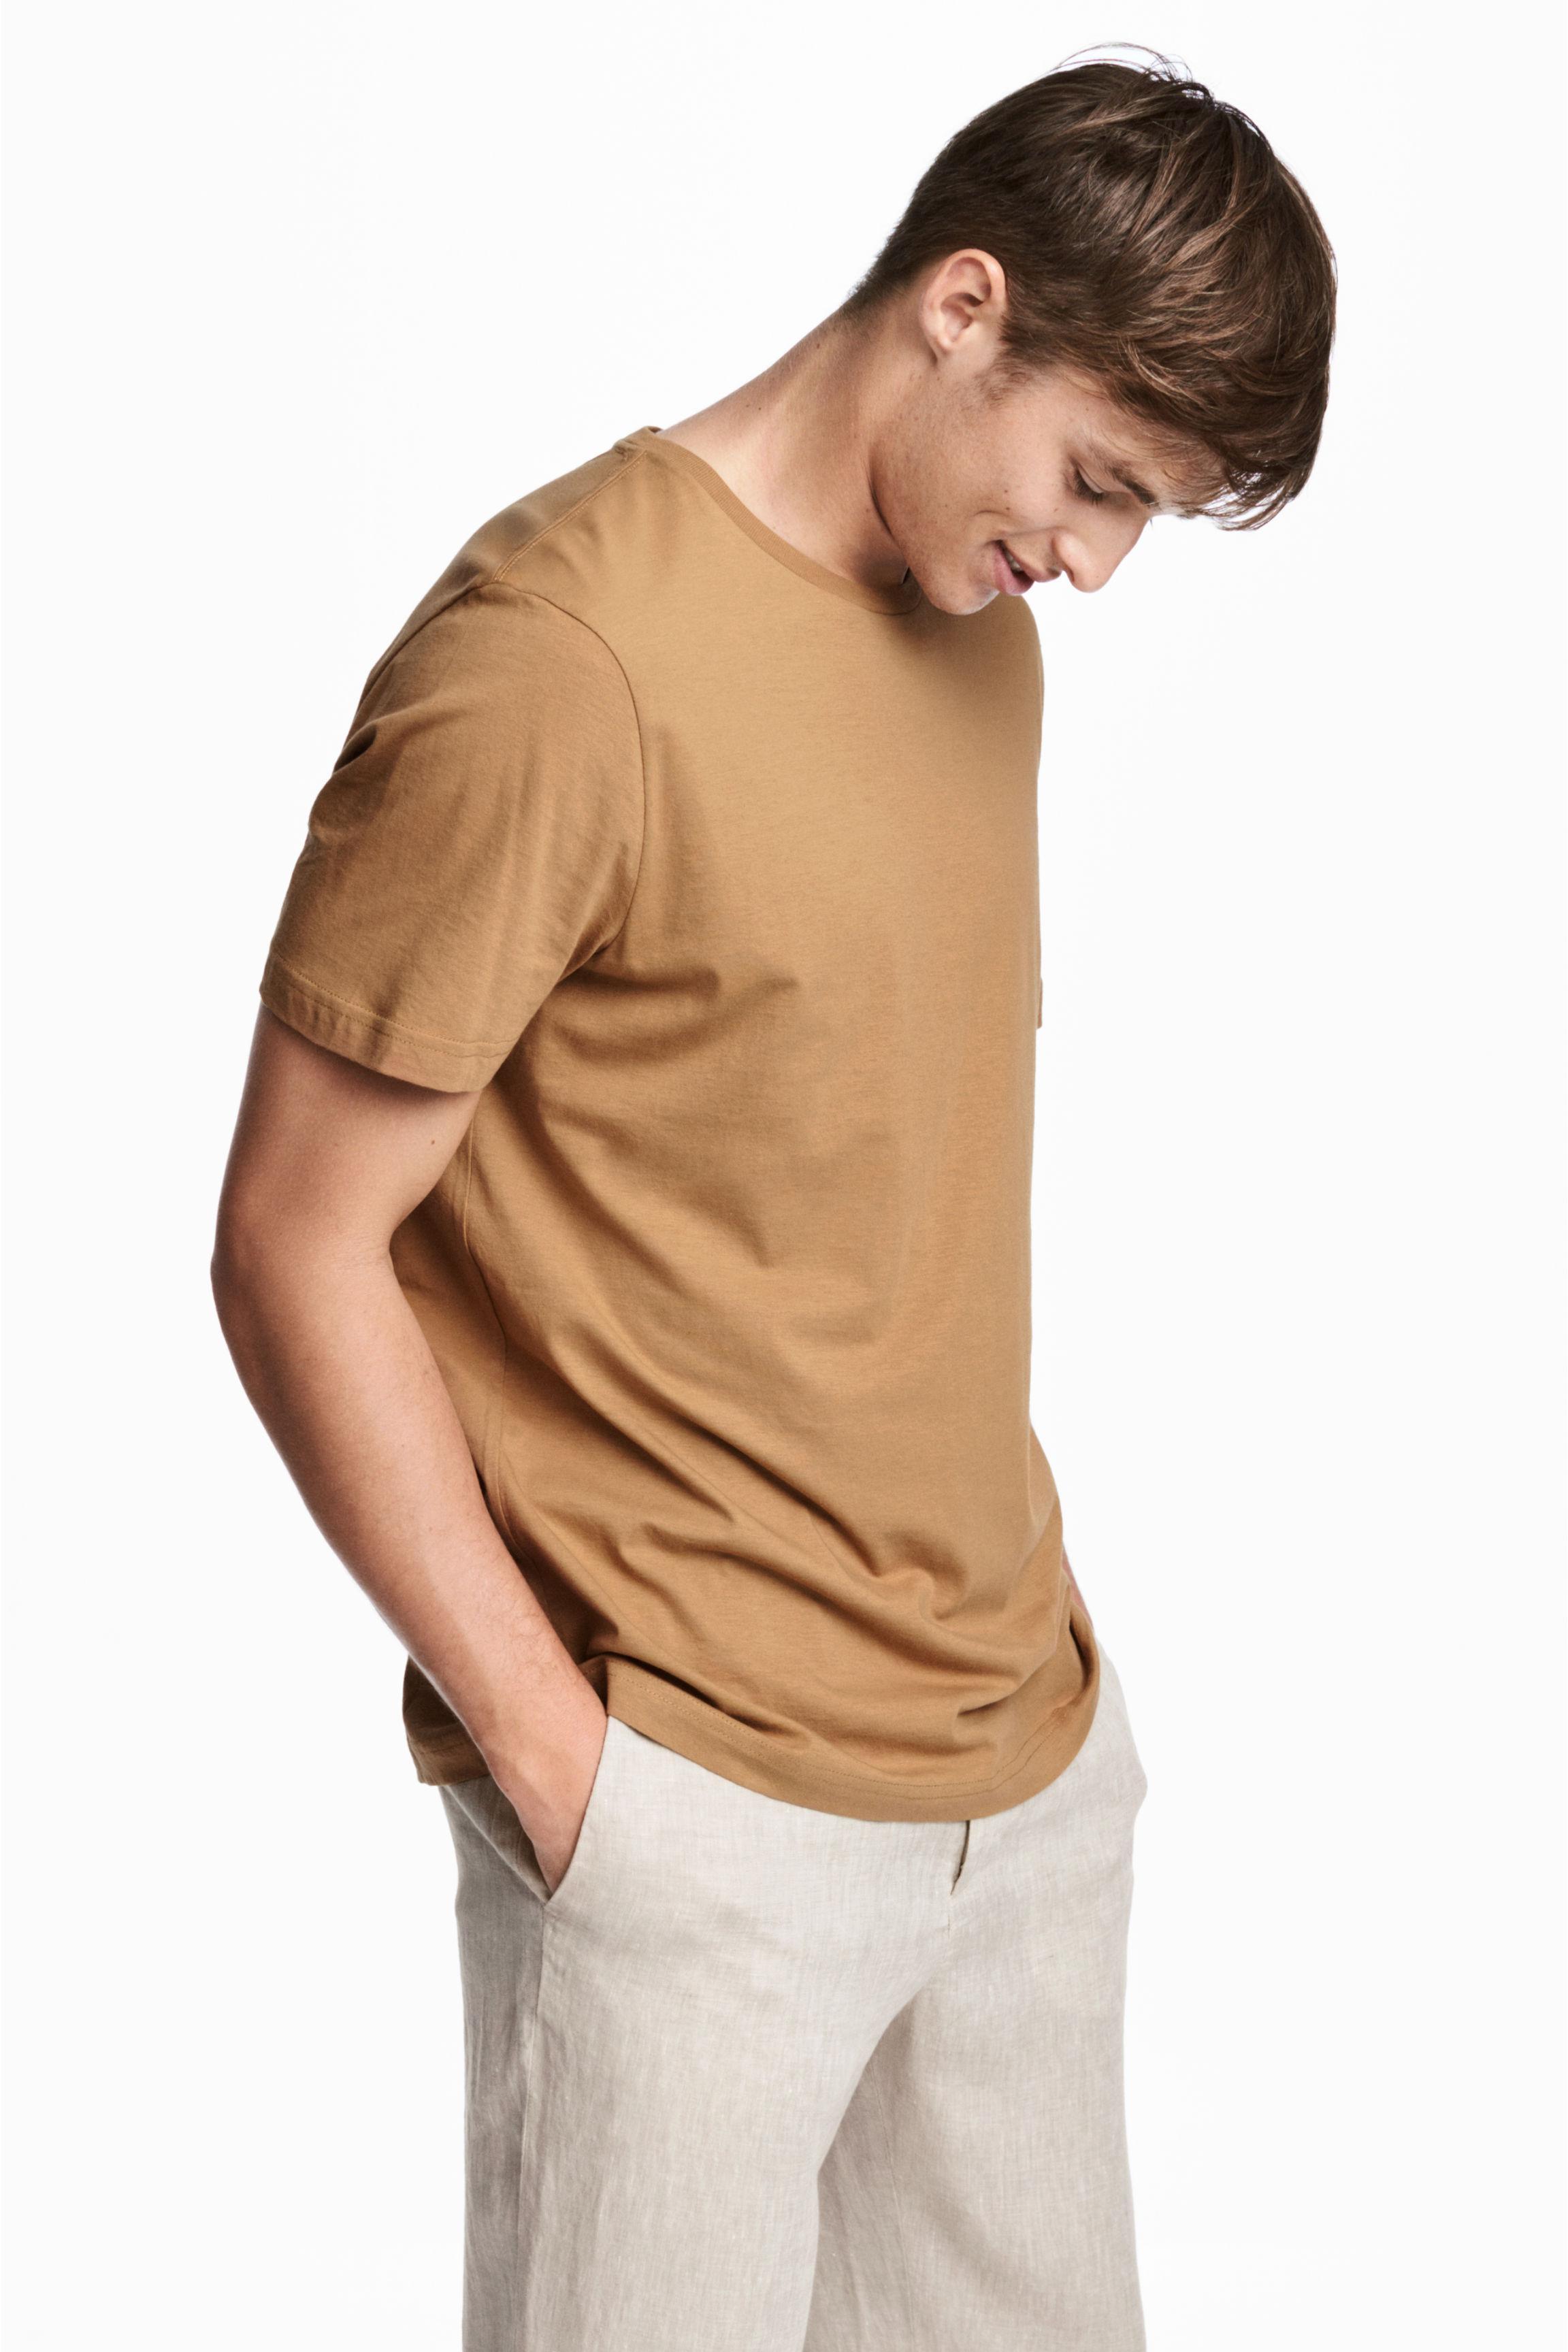 h m cotton t shirt regular fit in natural for men lyst. Black Bedroom Furniture Sets. Home Design Ideas